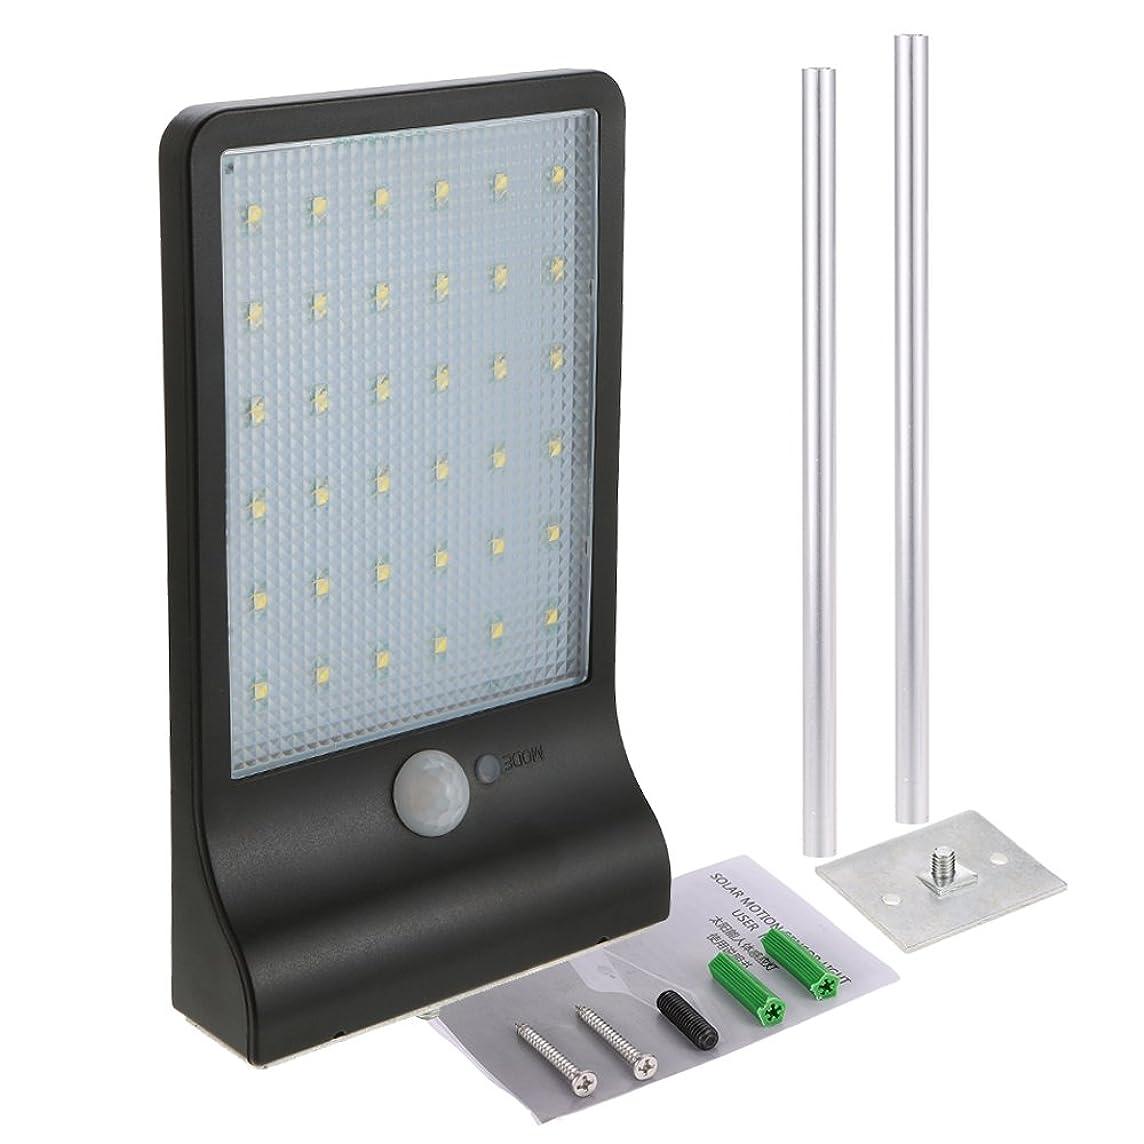 ケープ祖母喪Galapara ソーラーライト3.2V 3.5W 36 LED 450LM IP65防水ライト屋外ライトセーフティライト120°モーションセンサーライトリモートインストールライト屋外照明/庭/テラス/ドア/壁/庭/フェンス/階段(ポール付き)